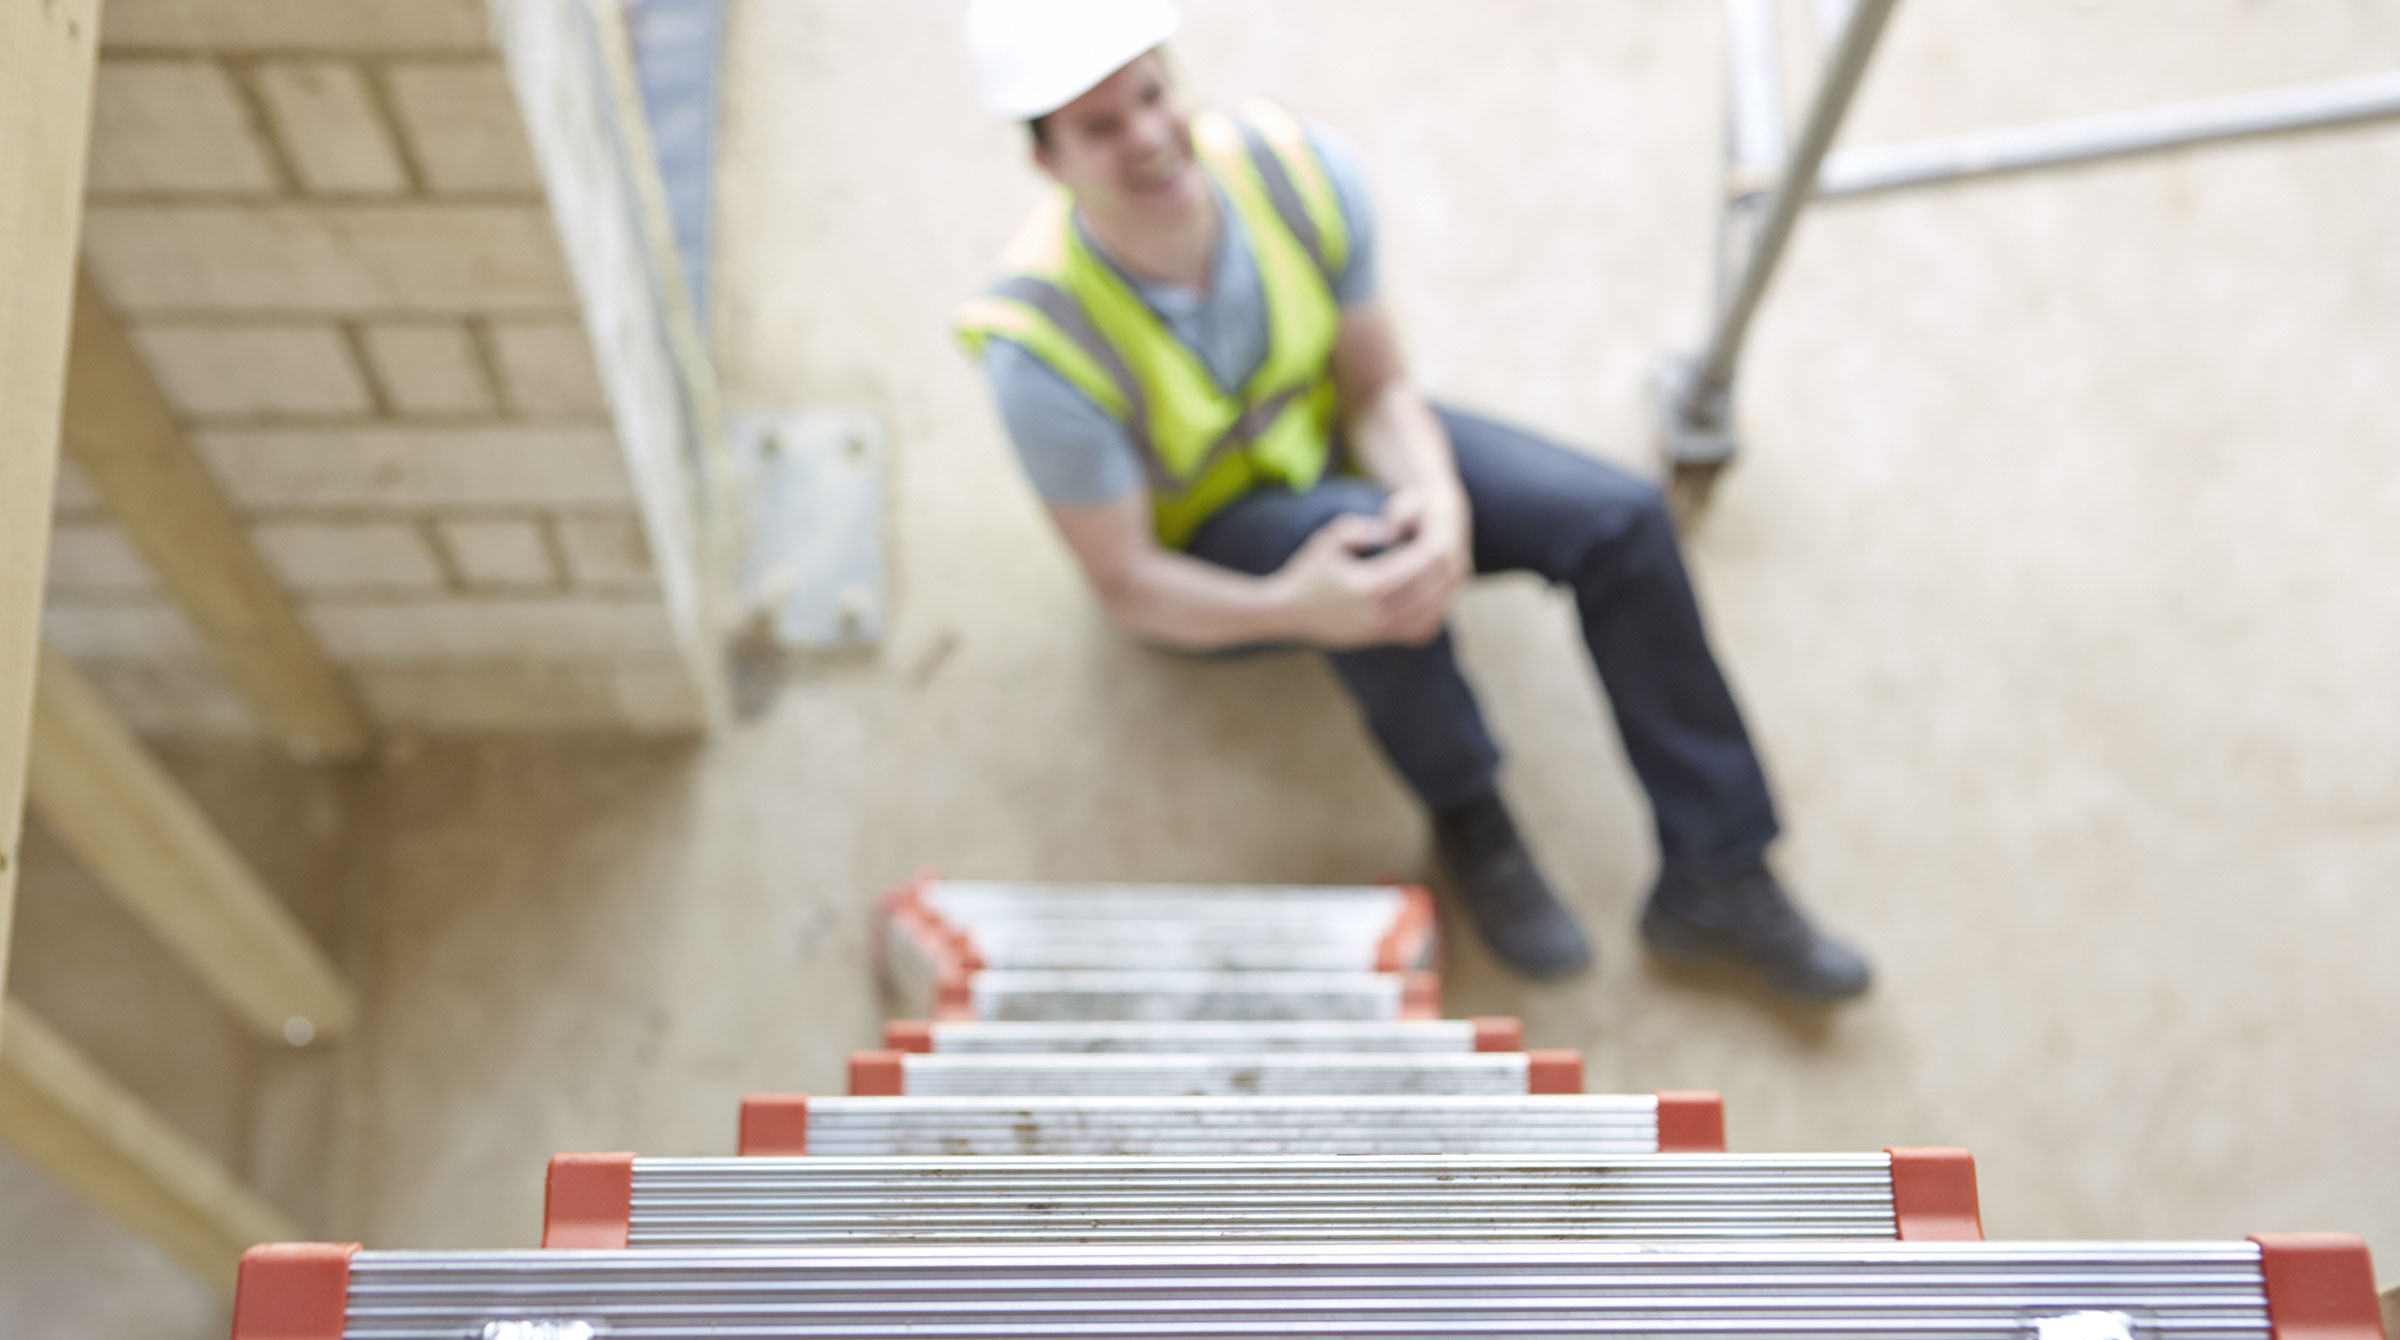 Introbild Versicherungen für Immobilienbesitzer